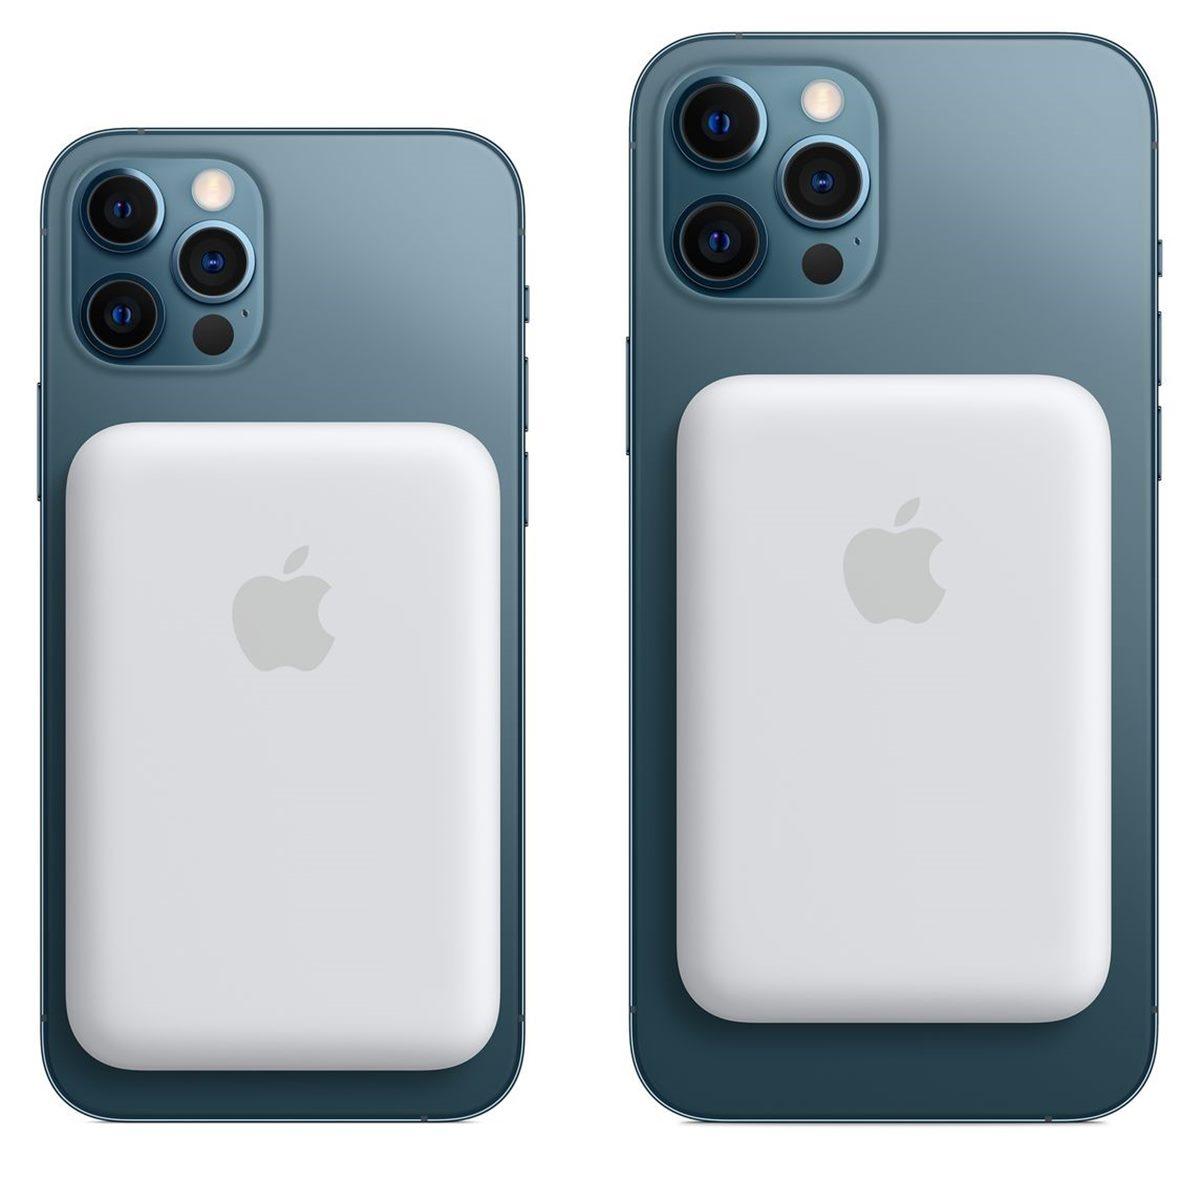 果粉好想要!蘋果推出最新MagSafe外接電池,超強「雙向充電」功能還會自動斷電